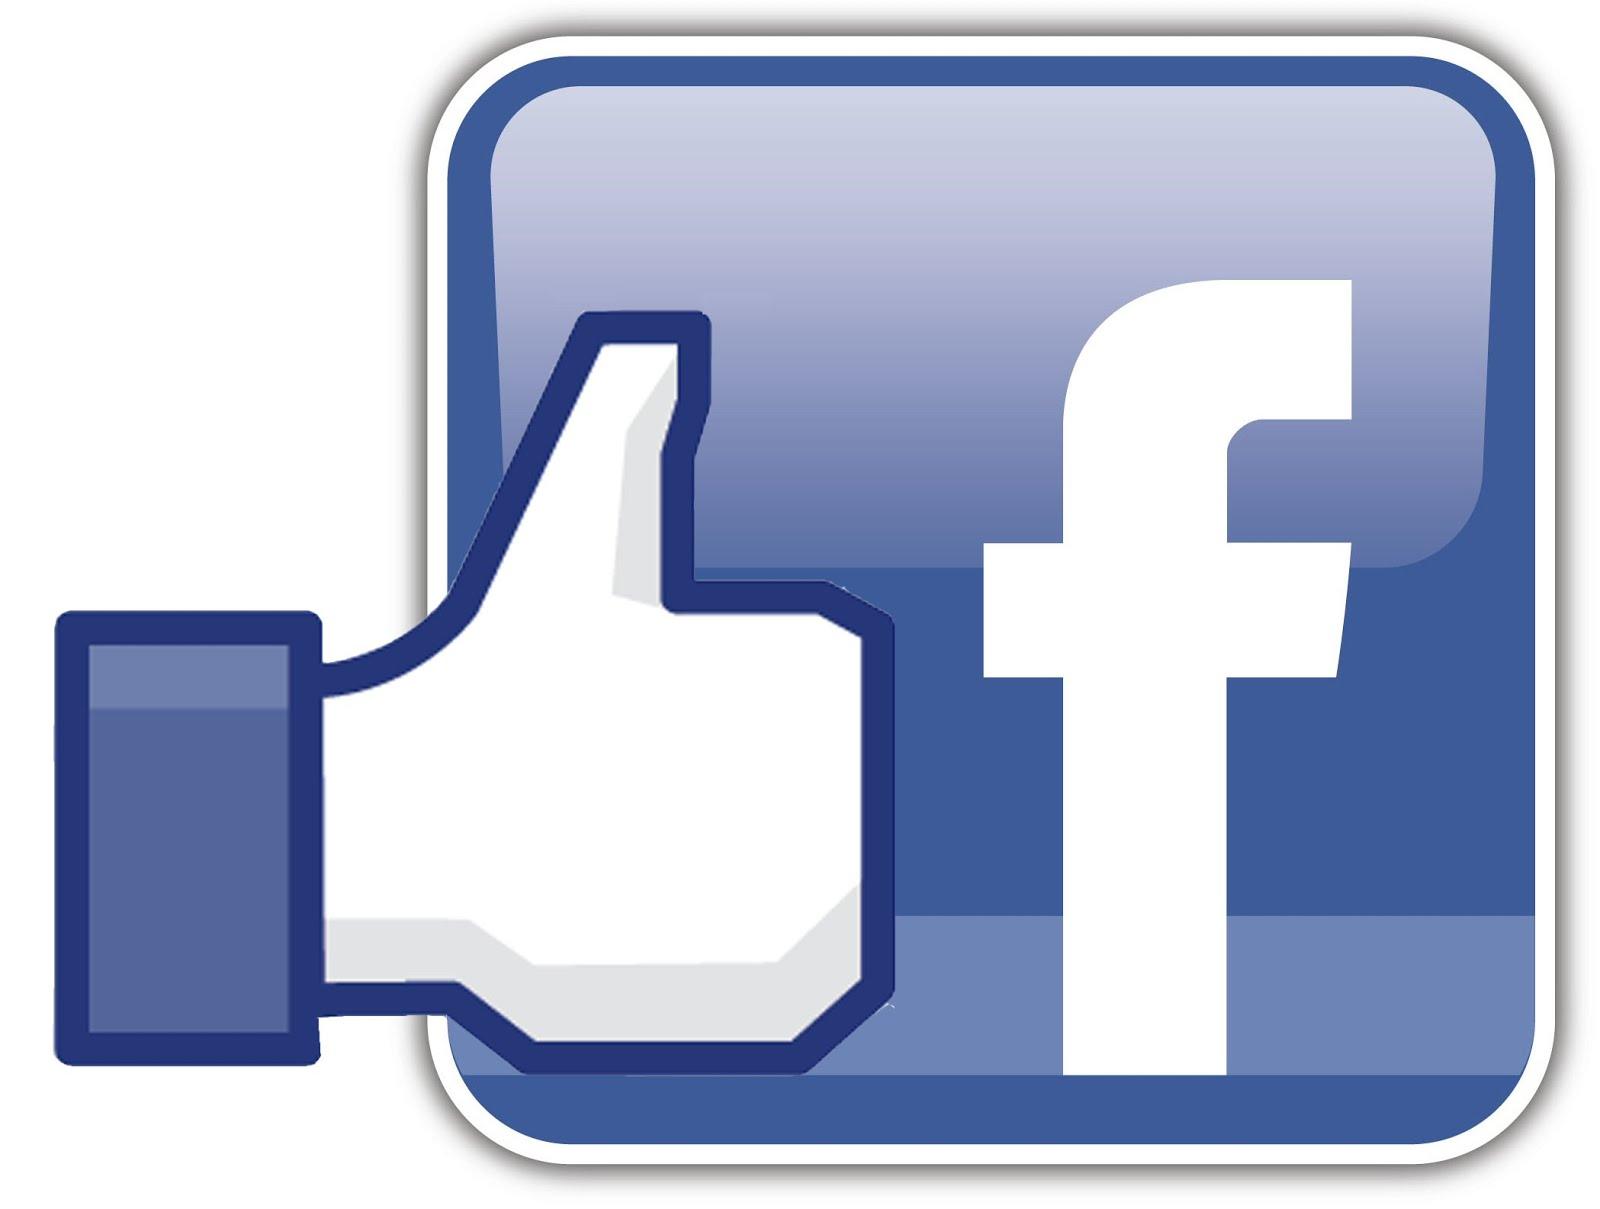 Facebook, FATE Partner To Impact Nigeria's Economy